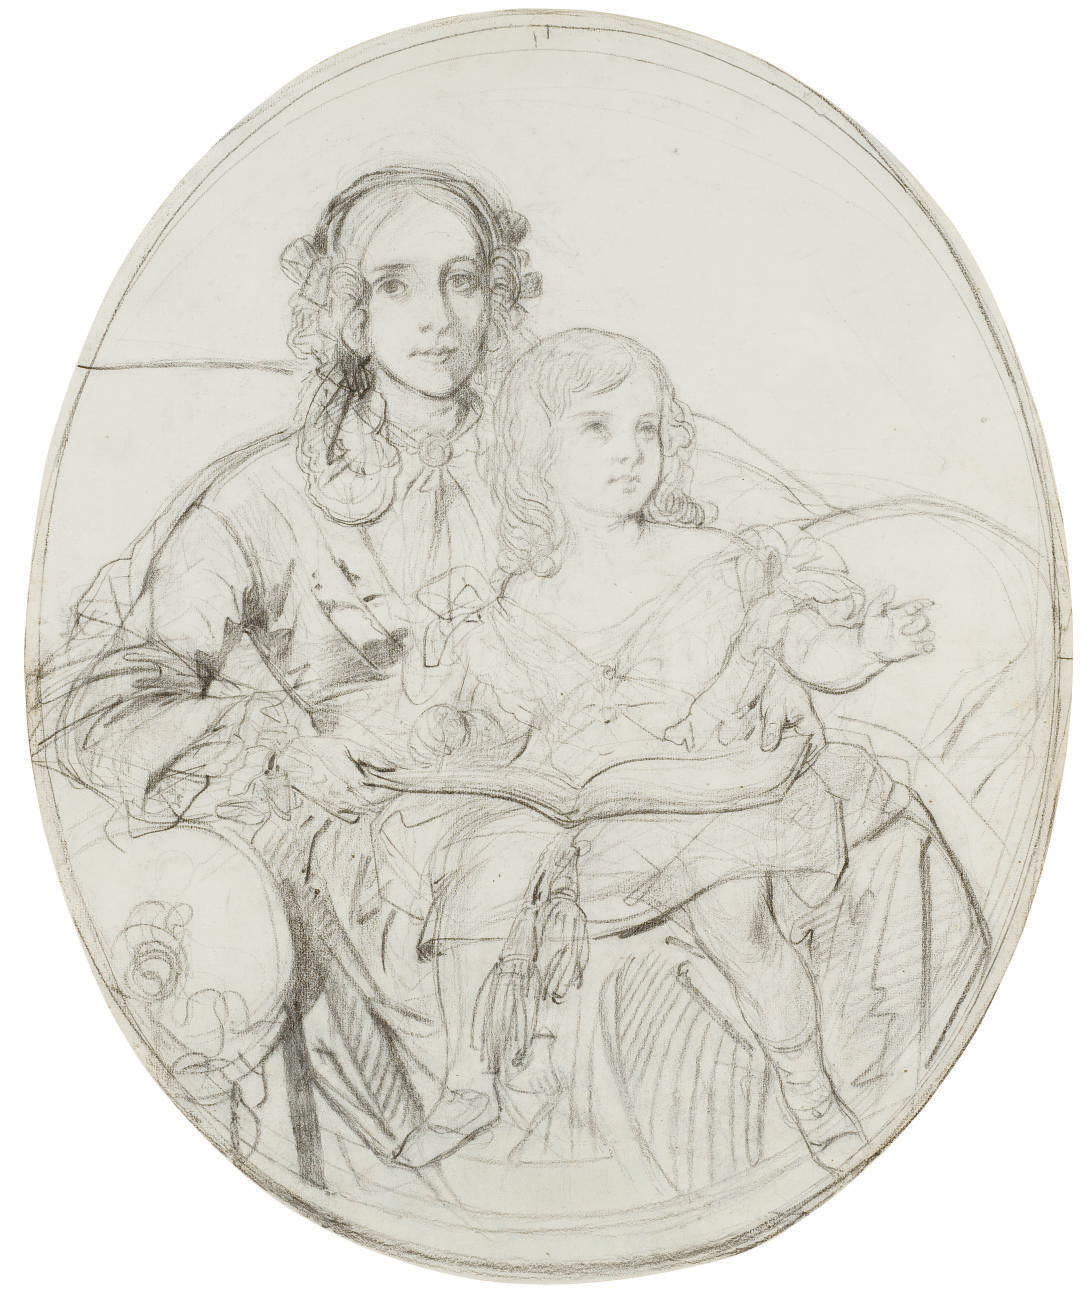 EUGENE DEVERIA (PARIS 1805-186